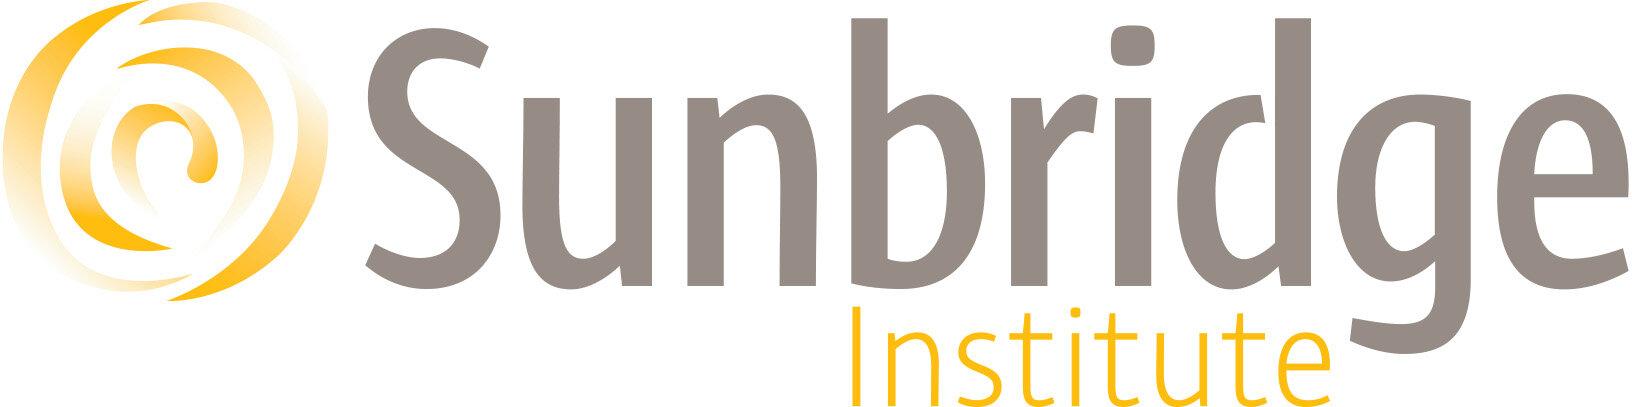 Sunbridge_logo_2 colors.jpg